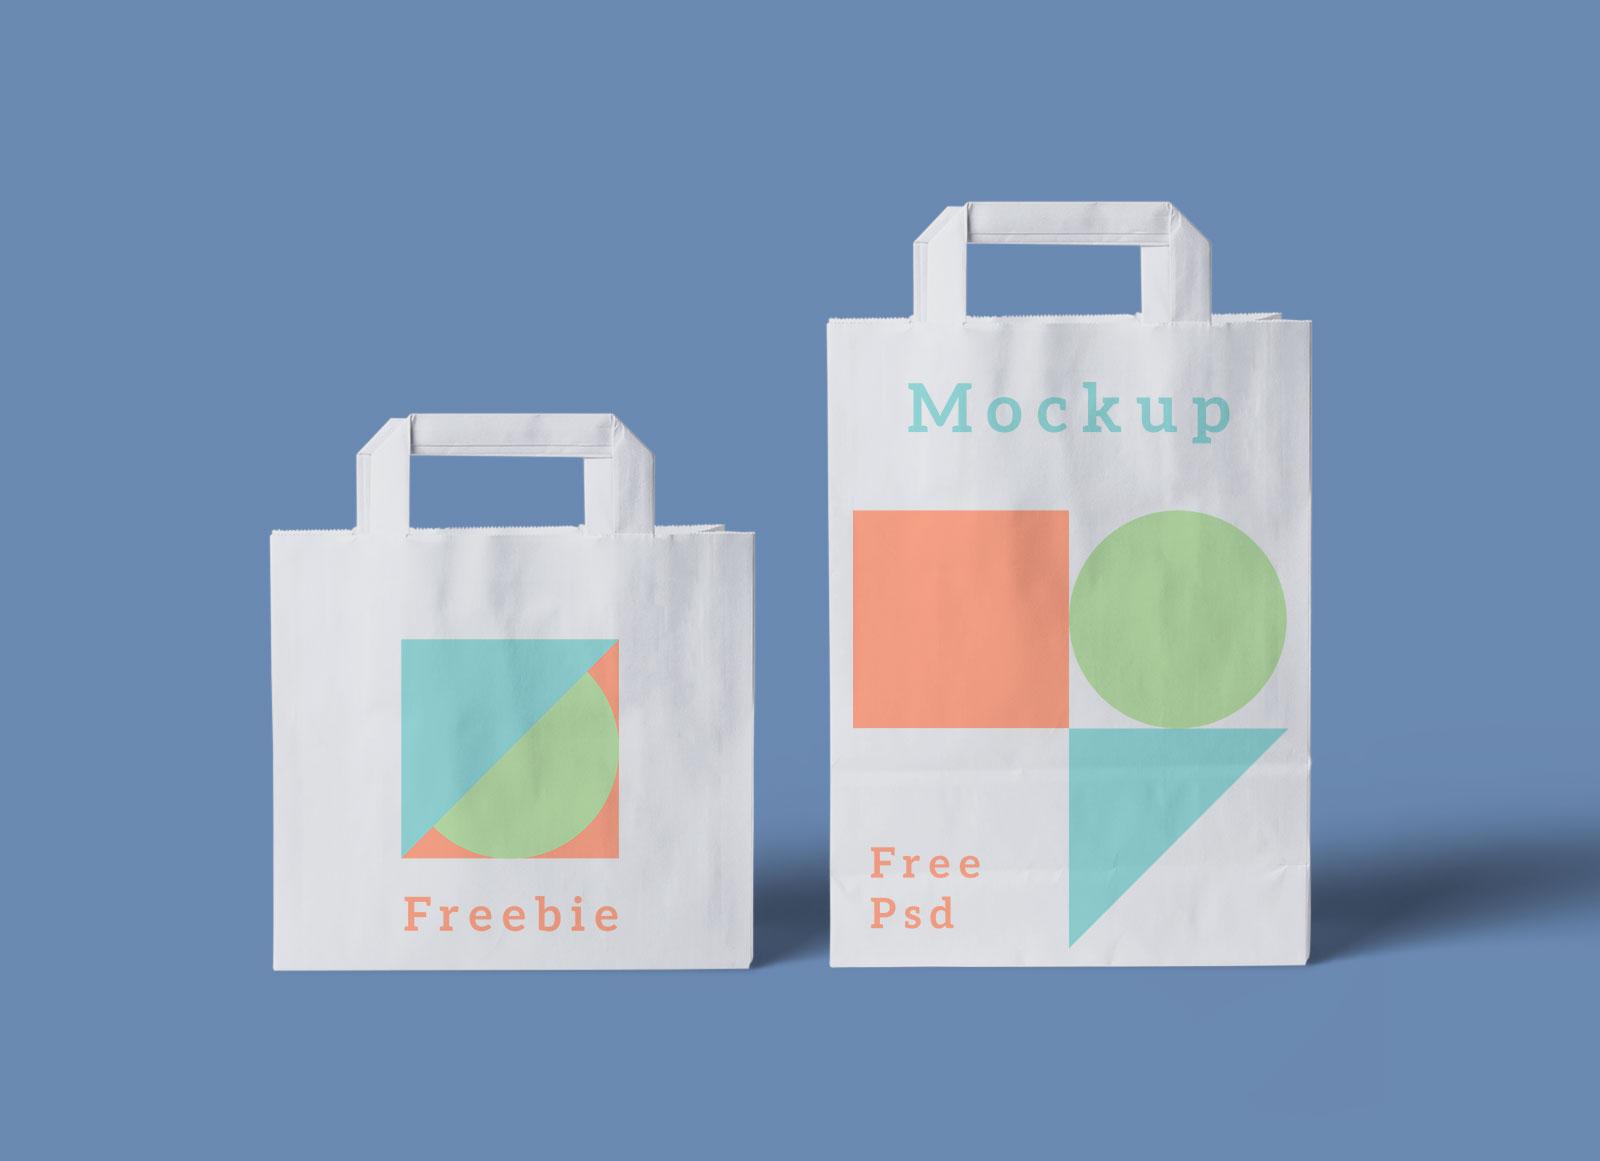 Download 2200+ royalty free shopping bag mockup vector. Free Paper Shopping Bag Mockup Psd Good Mockups